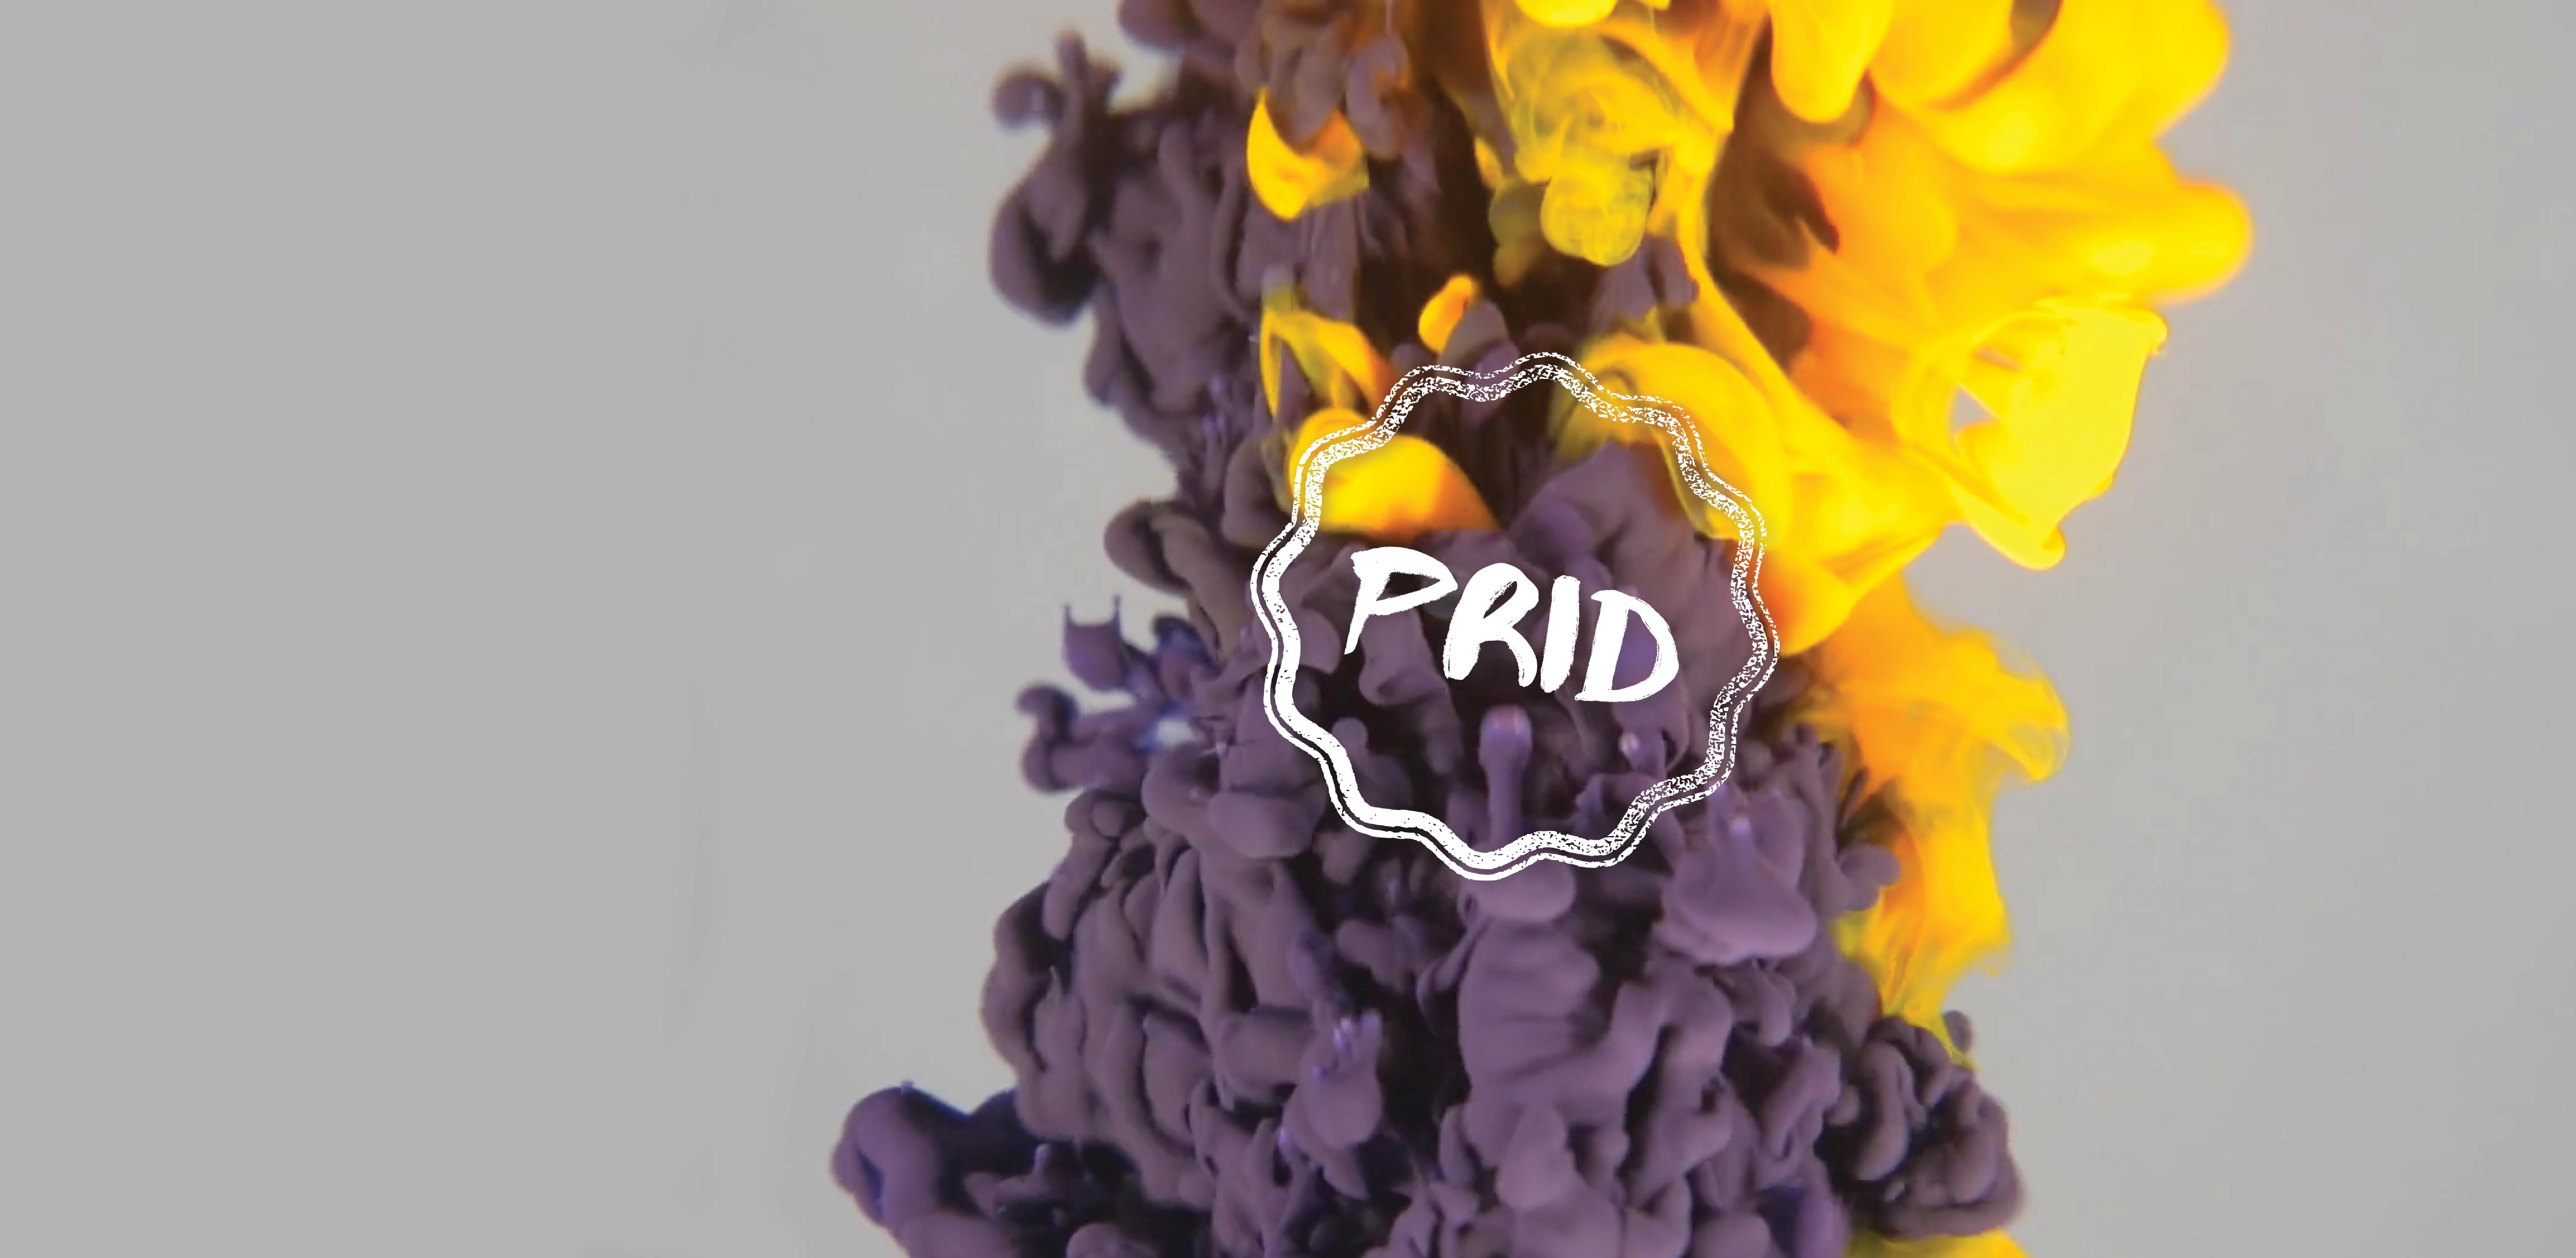 imagem de tinta de várias cores a diluir-se com a inscrição PRID por cima